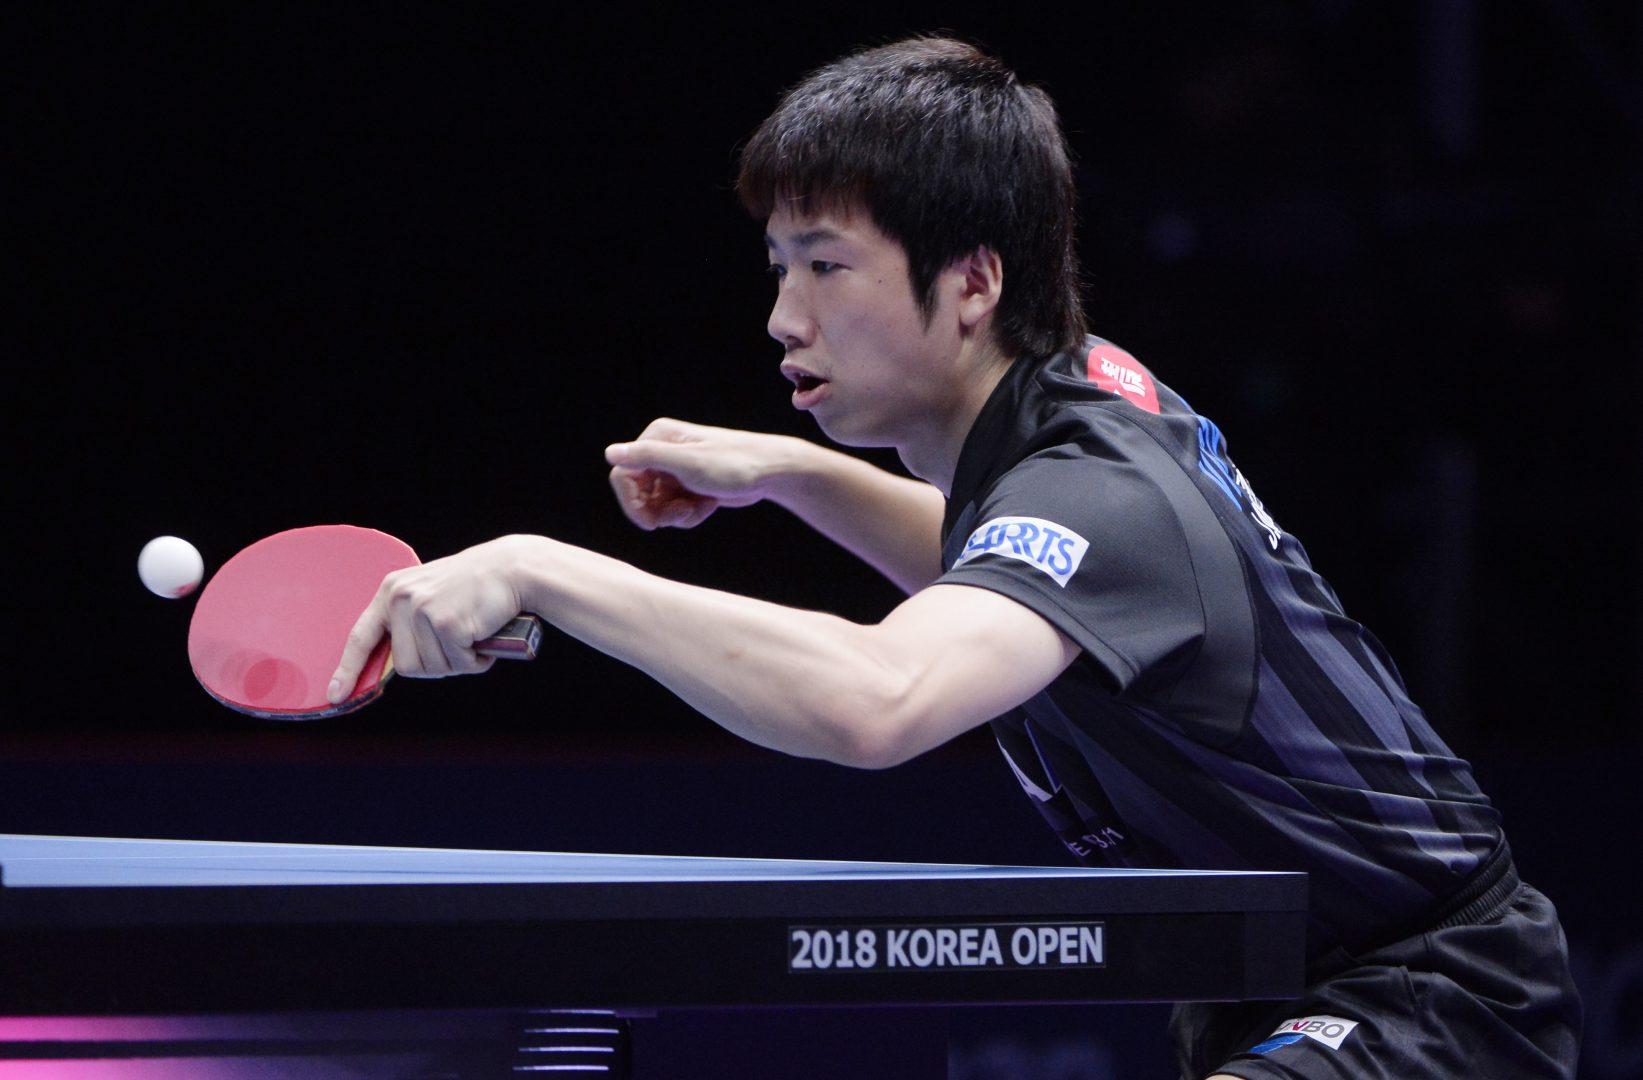 【卓球】水谷隼が3位 エースの存在感示す<ITTF韓国オープン 5日目男子の結果>